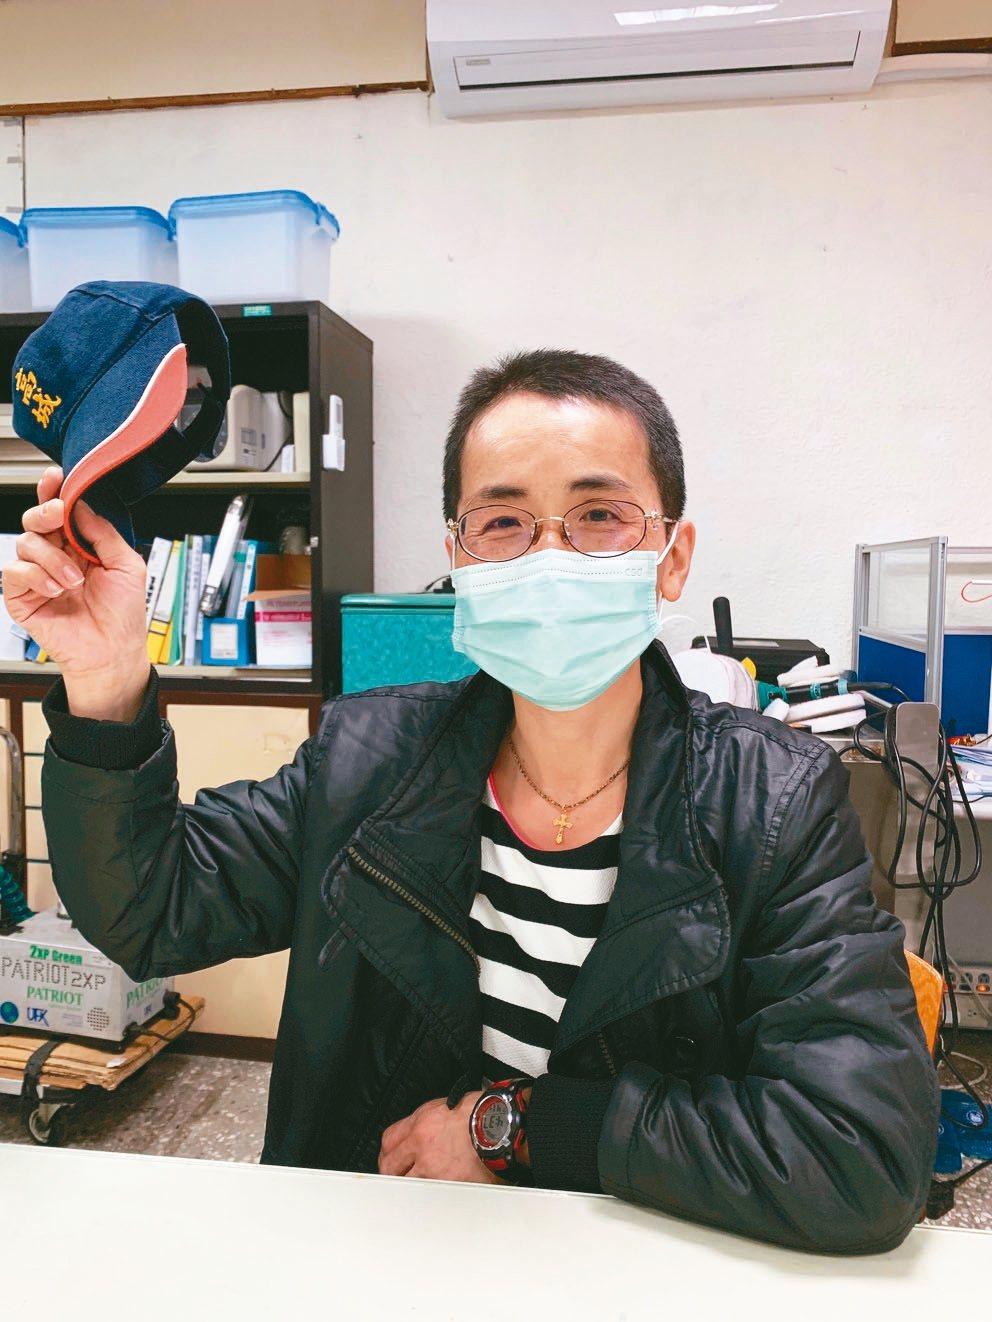 姜雪梅因為穿全套防護衣清潔實在太熱,把及肩長髮剃成五分頭。 記者陳雨鑫/攝影